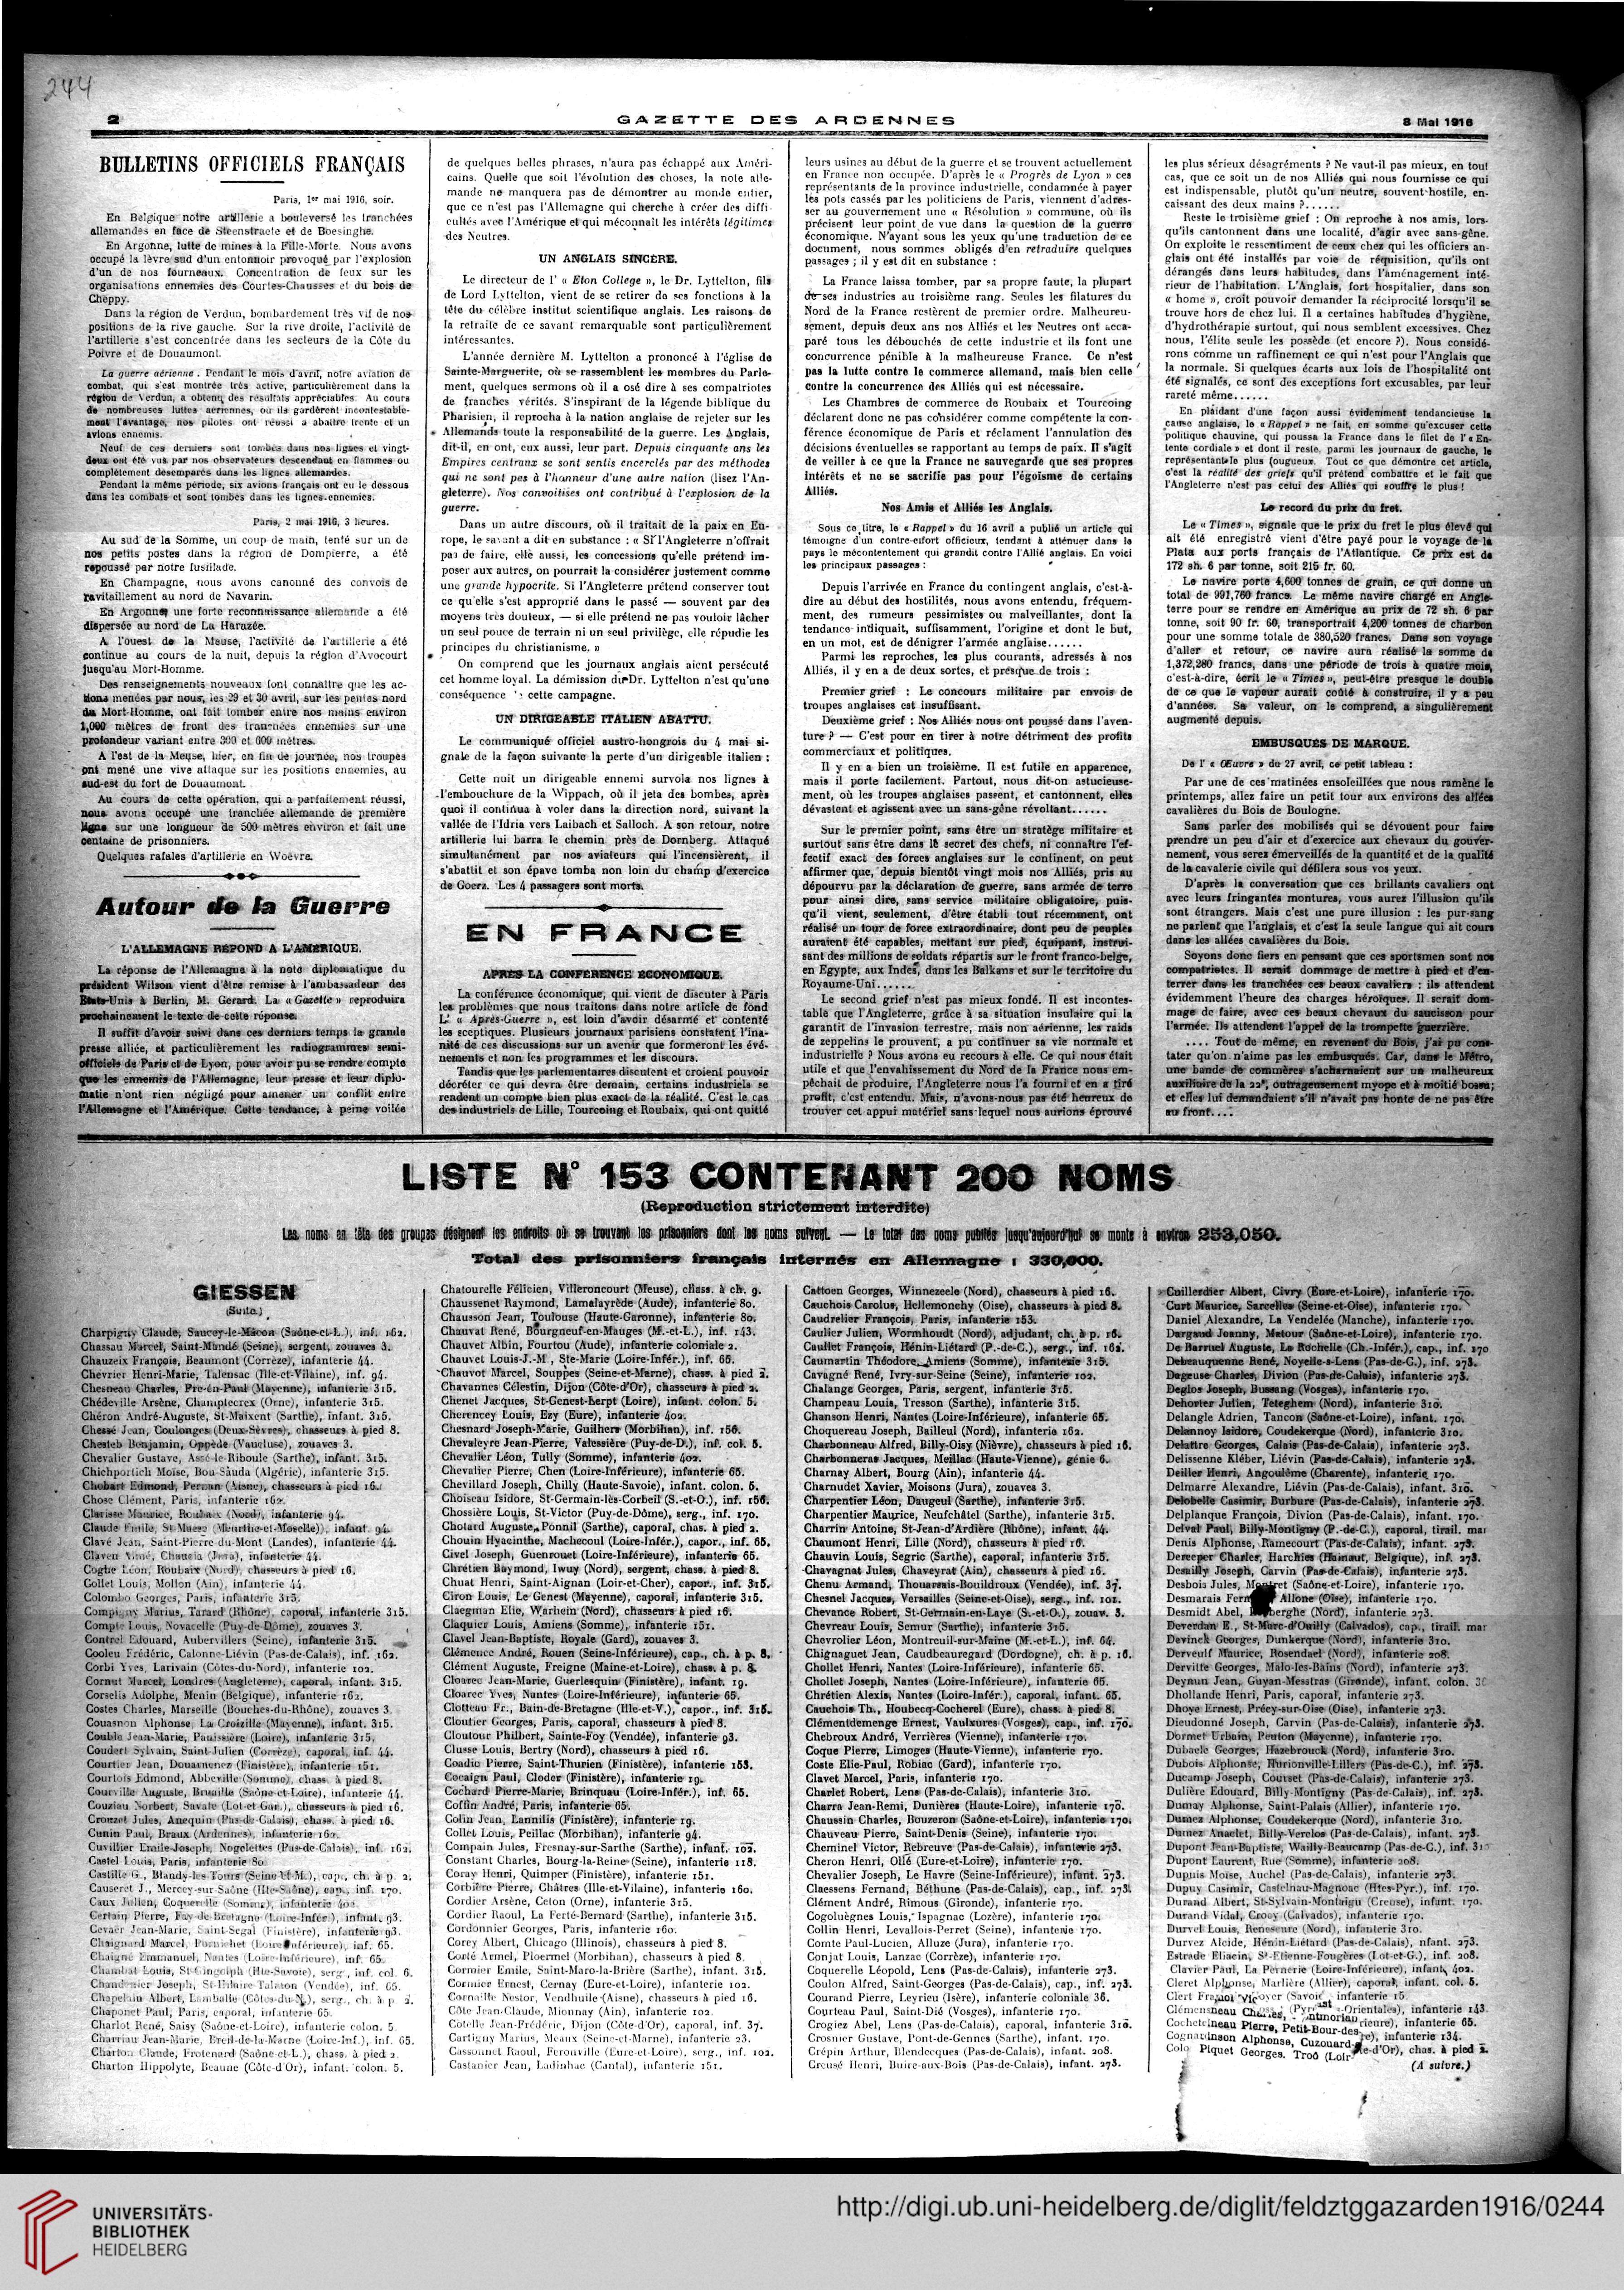 TRICHE FRENCH EDITION Original (PDF)